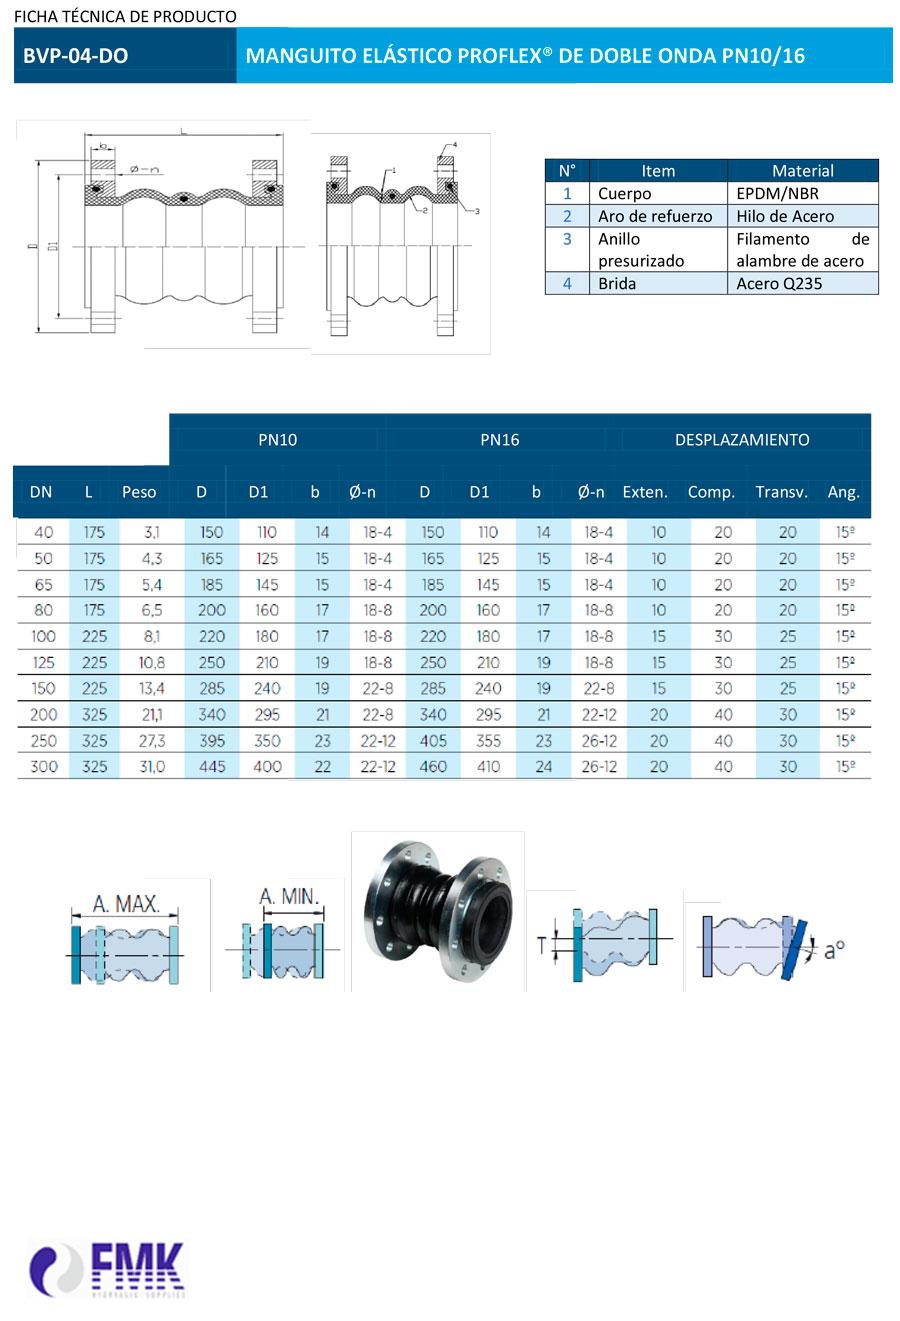 fmk-hydraulic-Manguito-elástico-PROFLEX-de-doble-onda-BVP-04-DO-ficha-tecnica-2